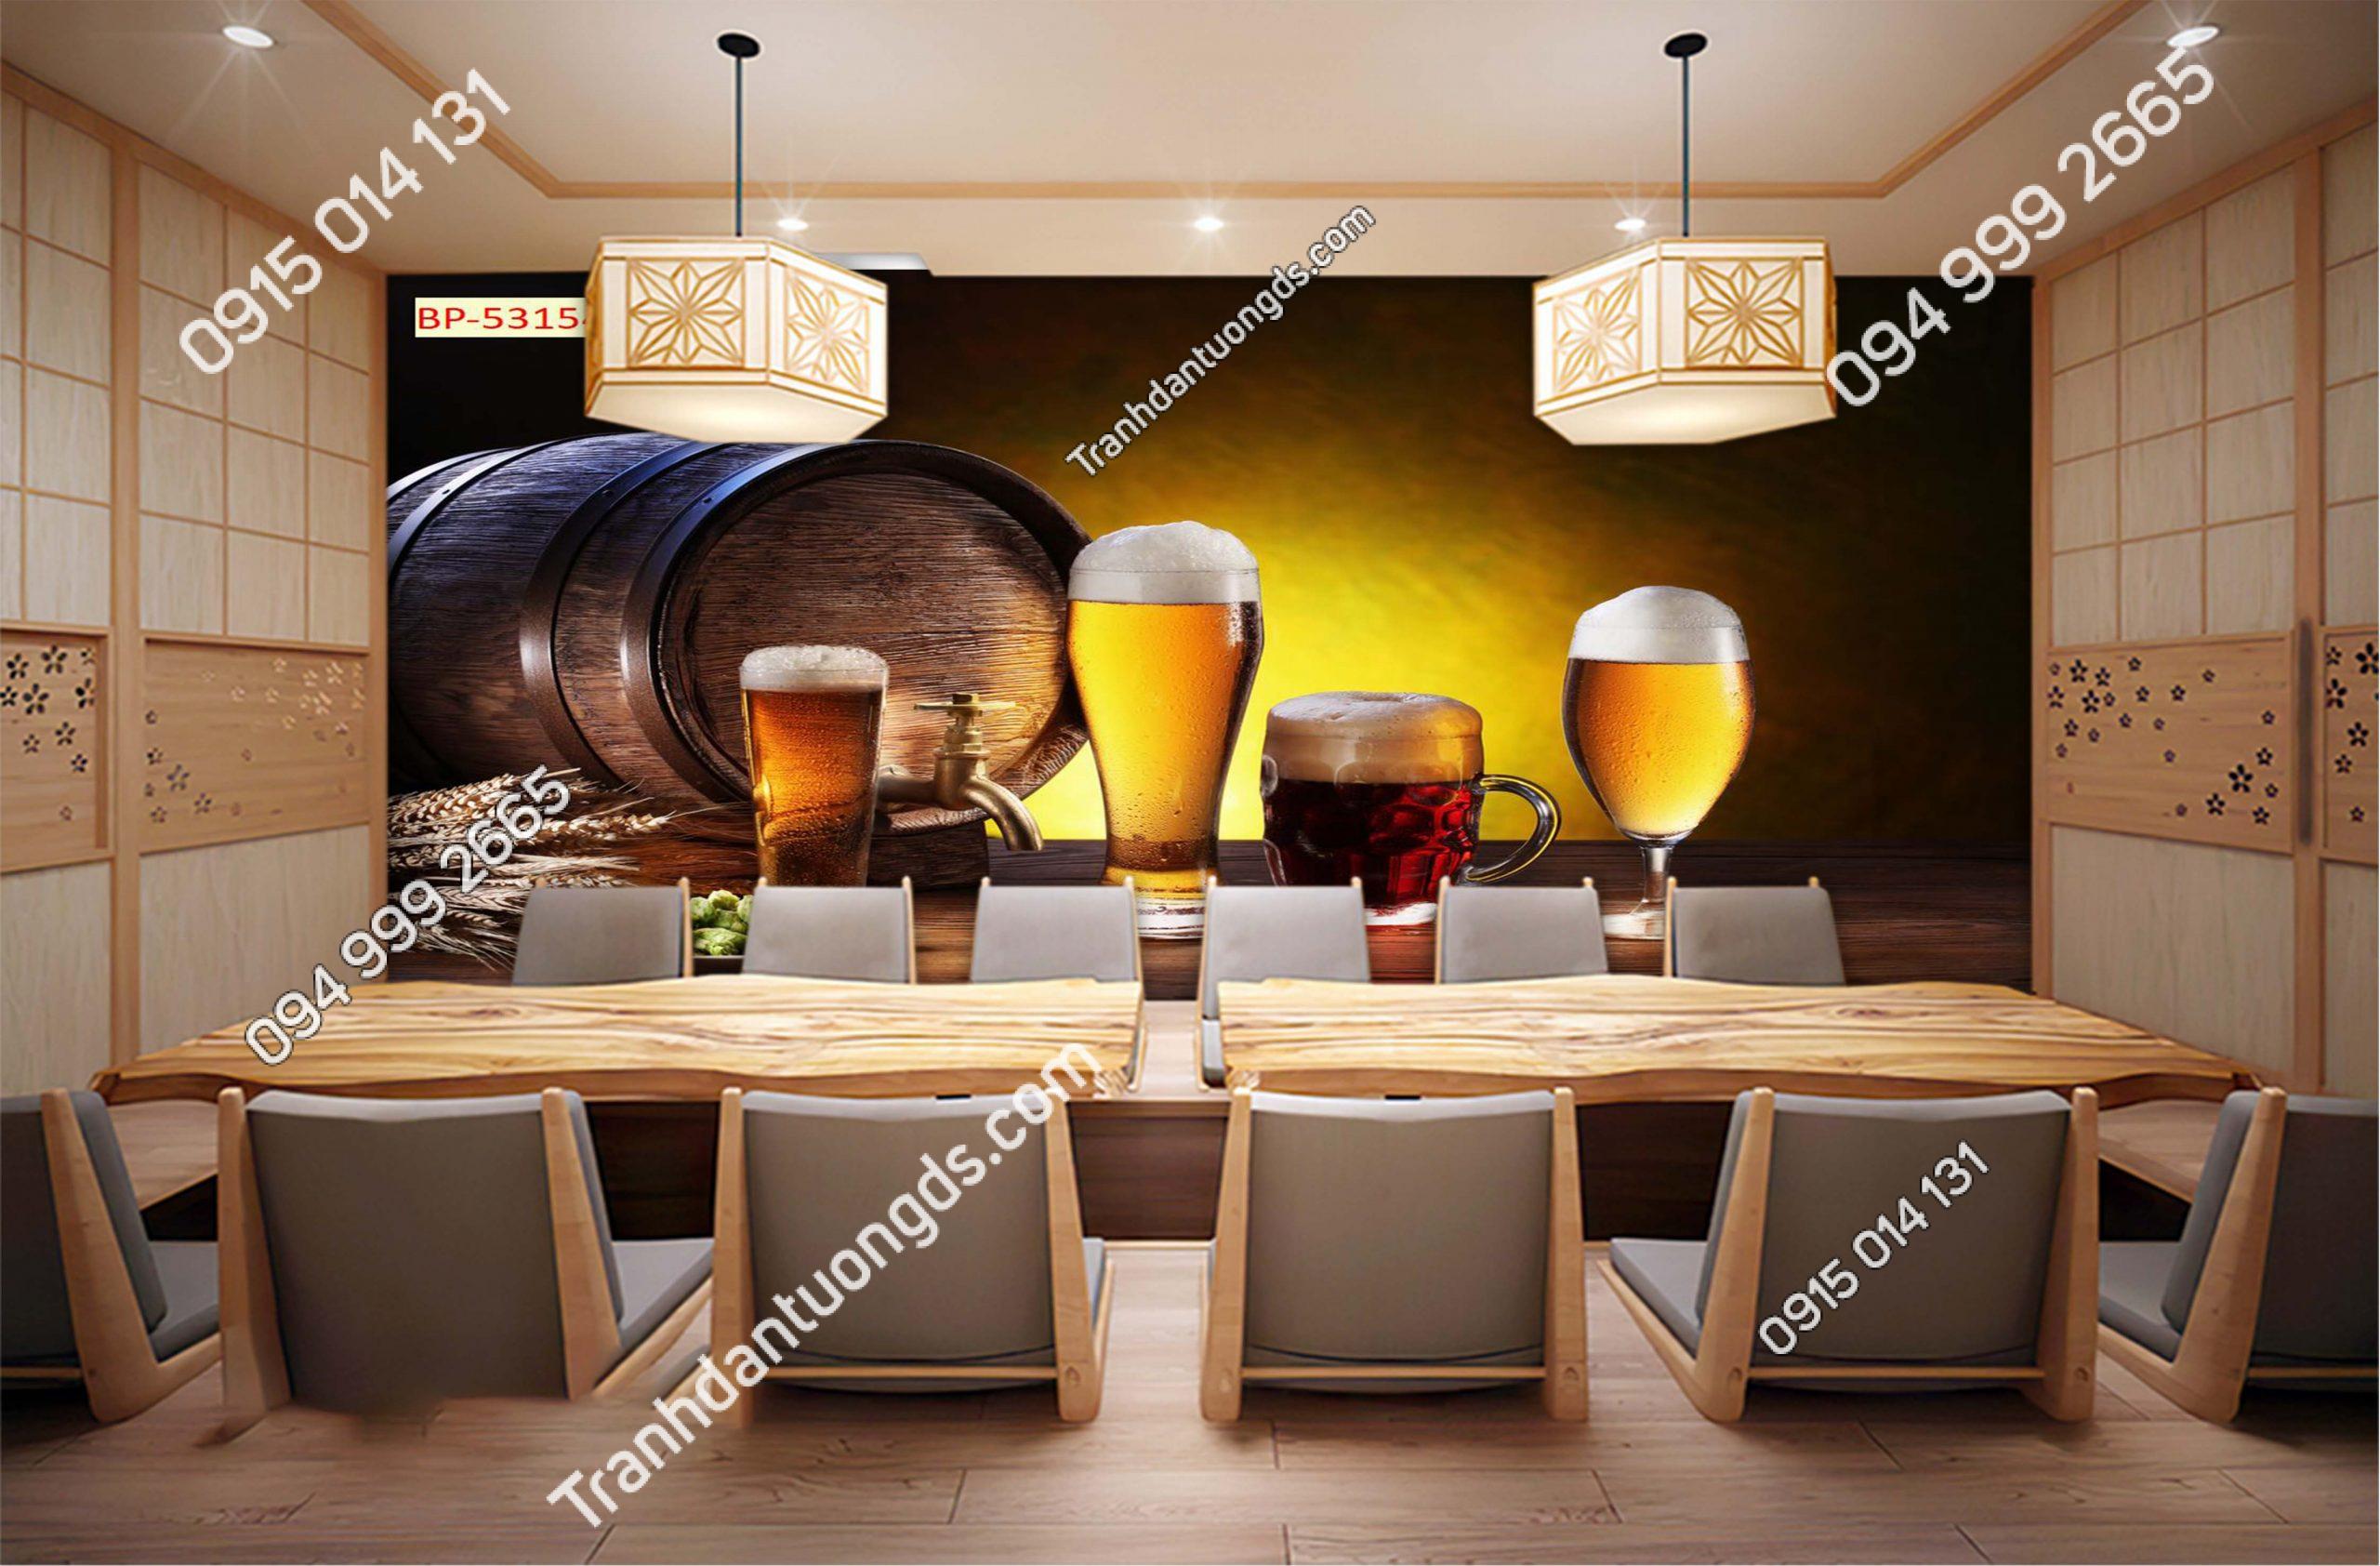 Tranh dán tường quán bia rượu 53154